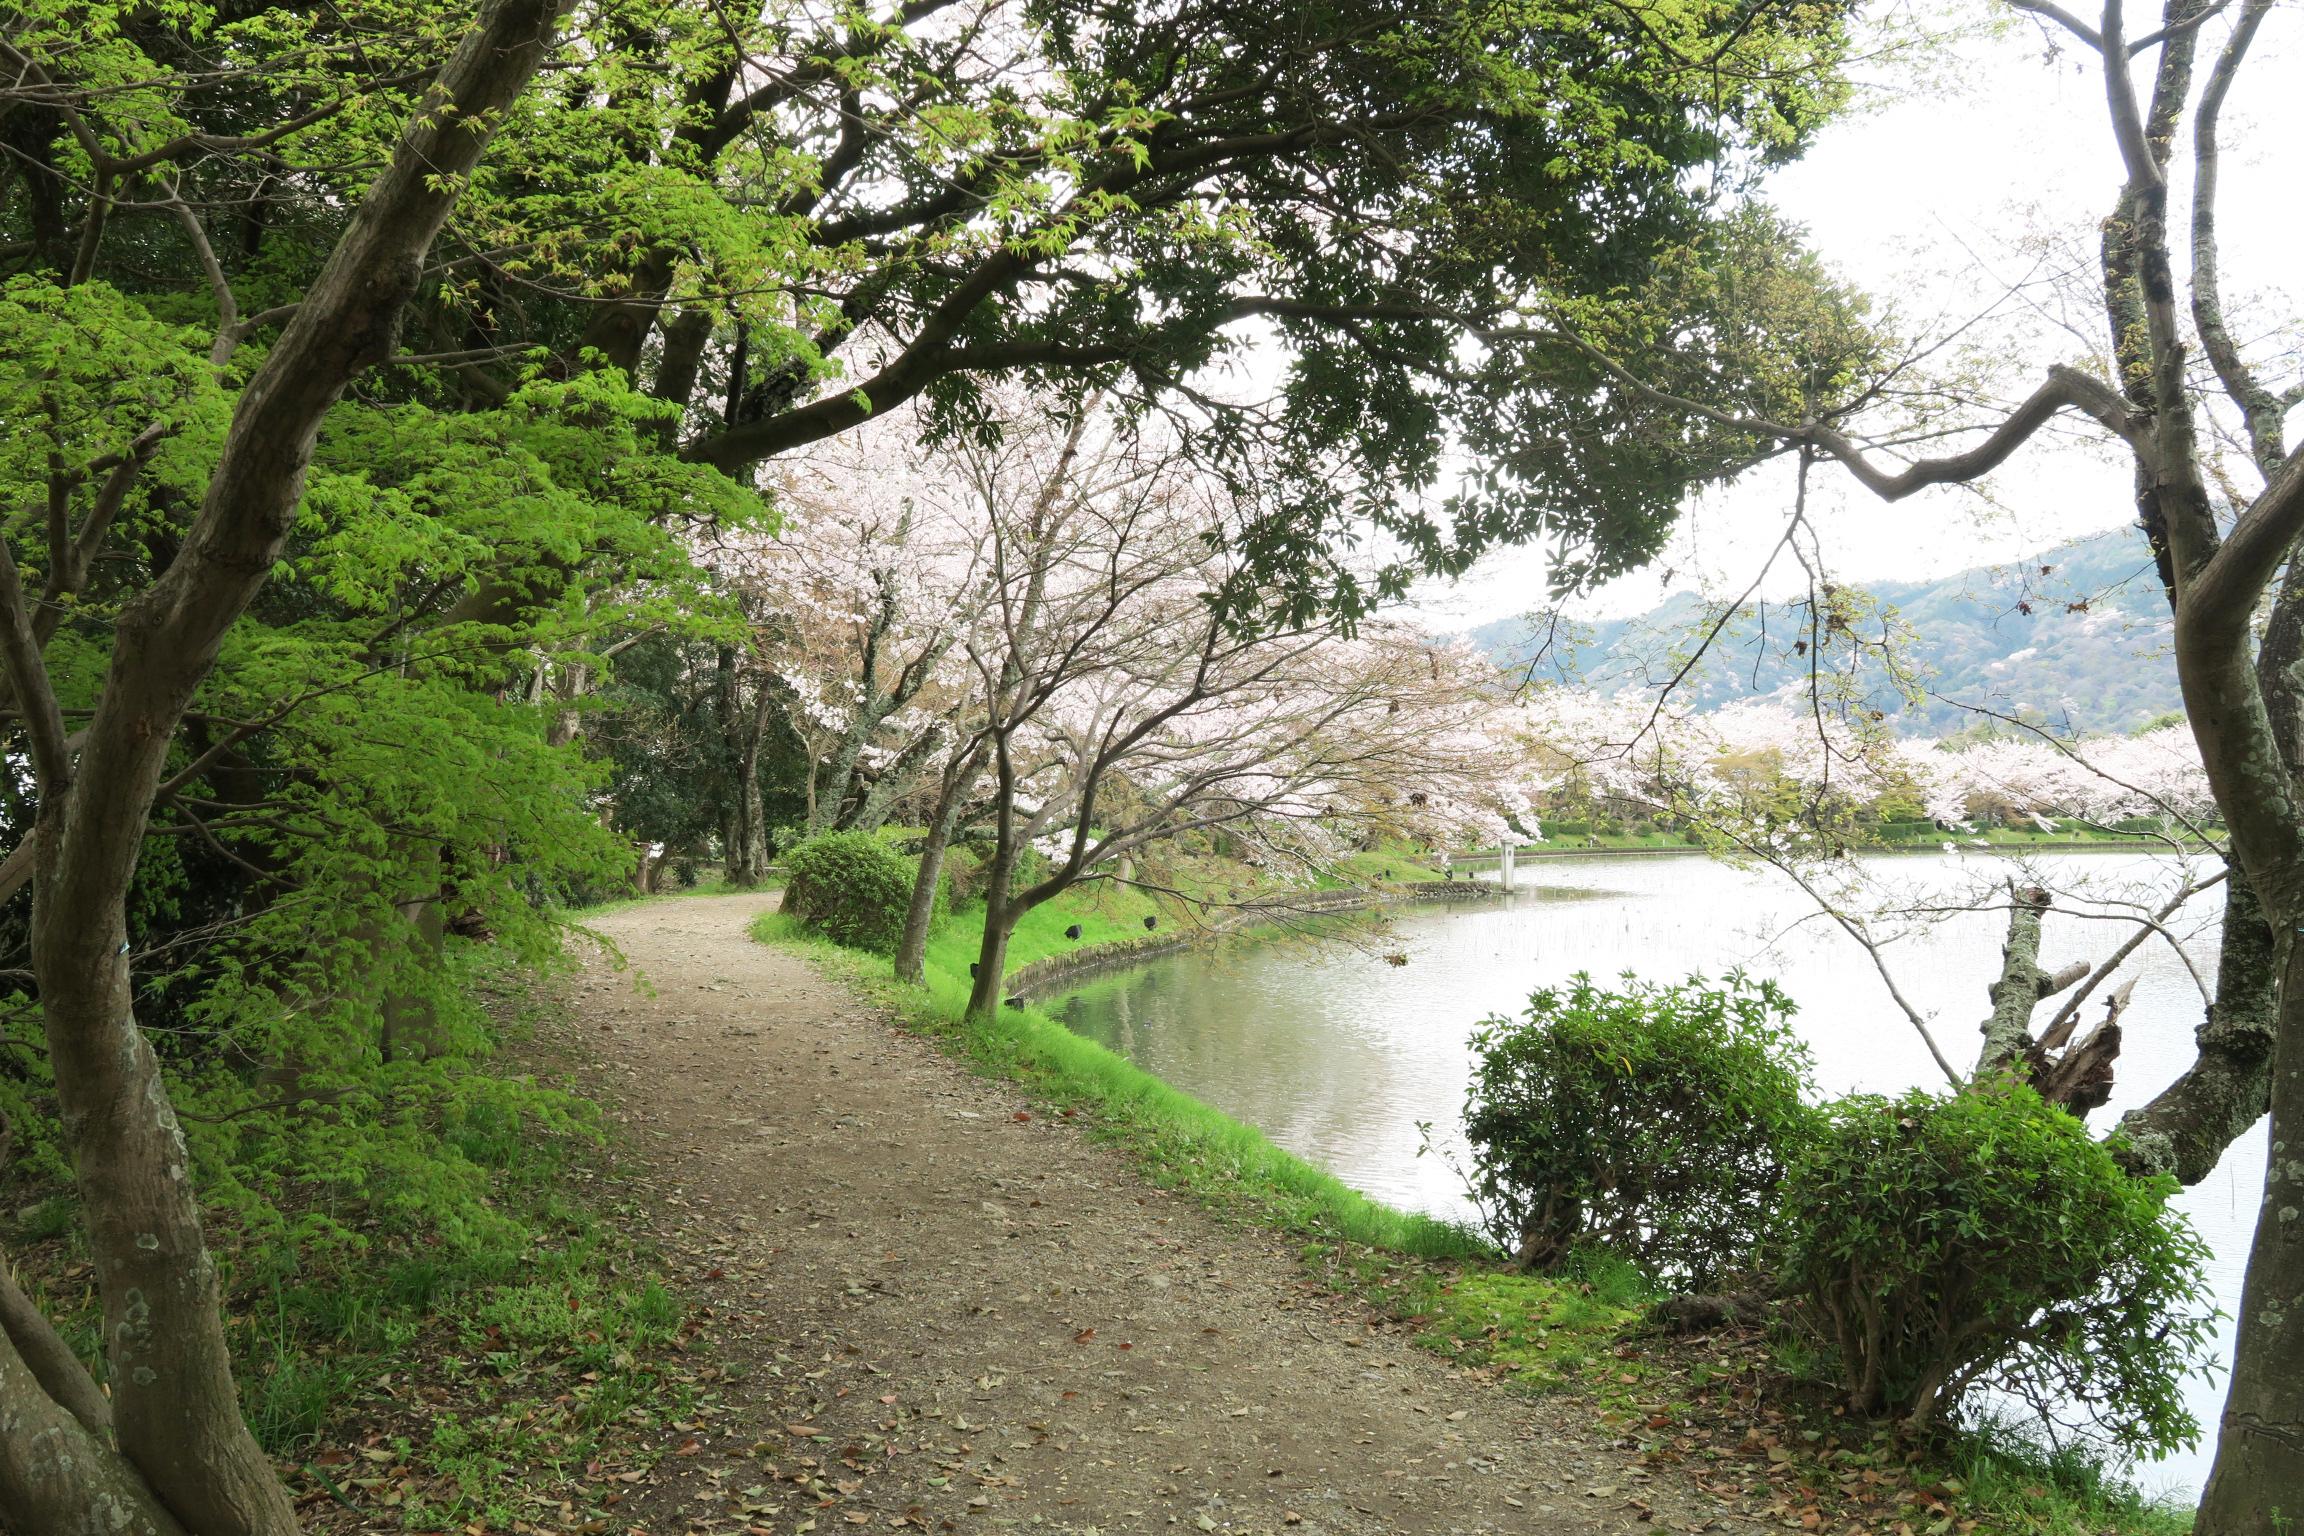 大沢池は日本最古の庭池だそうです。中国の洞庭湖を模していることから「庭湖」とも呼ばれています。